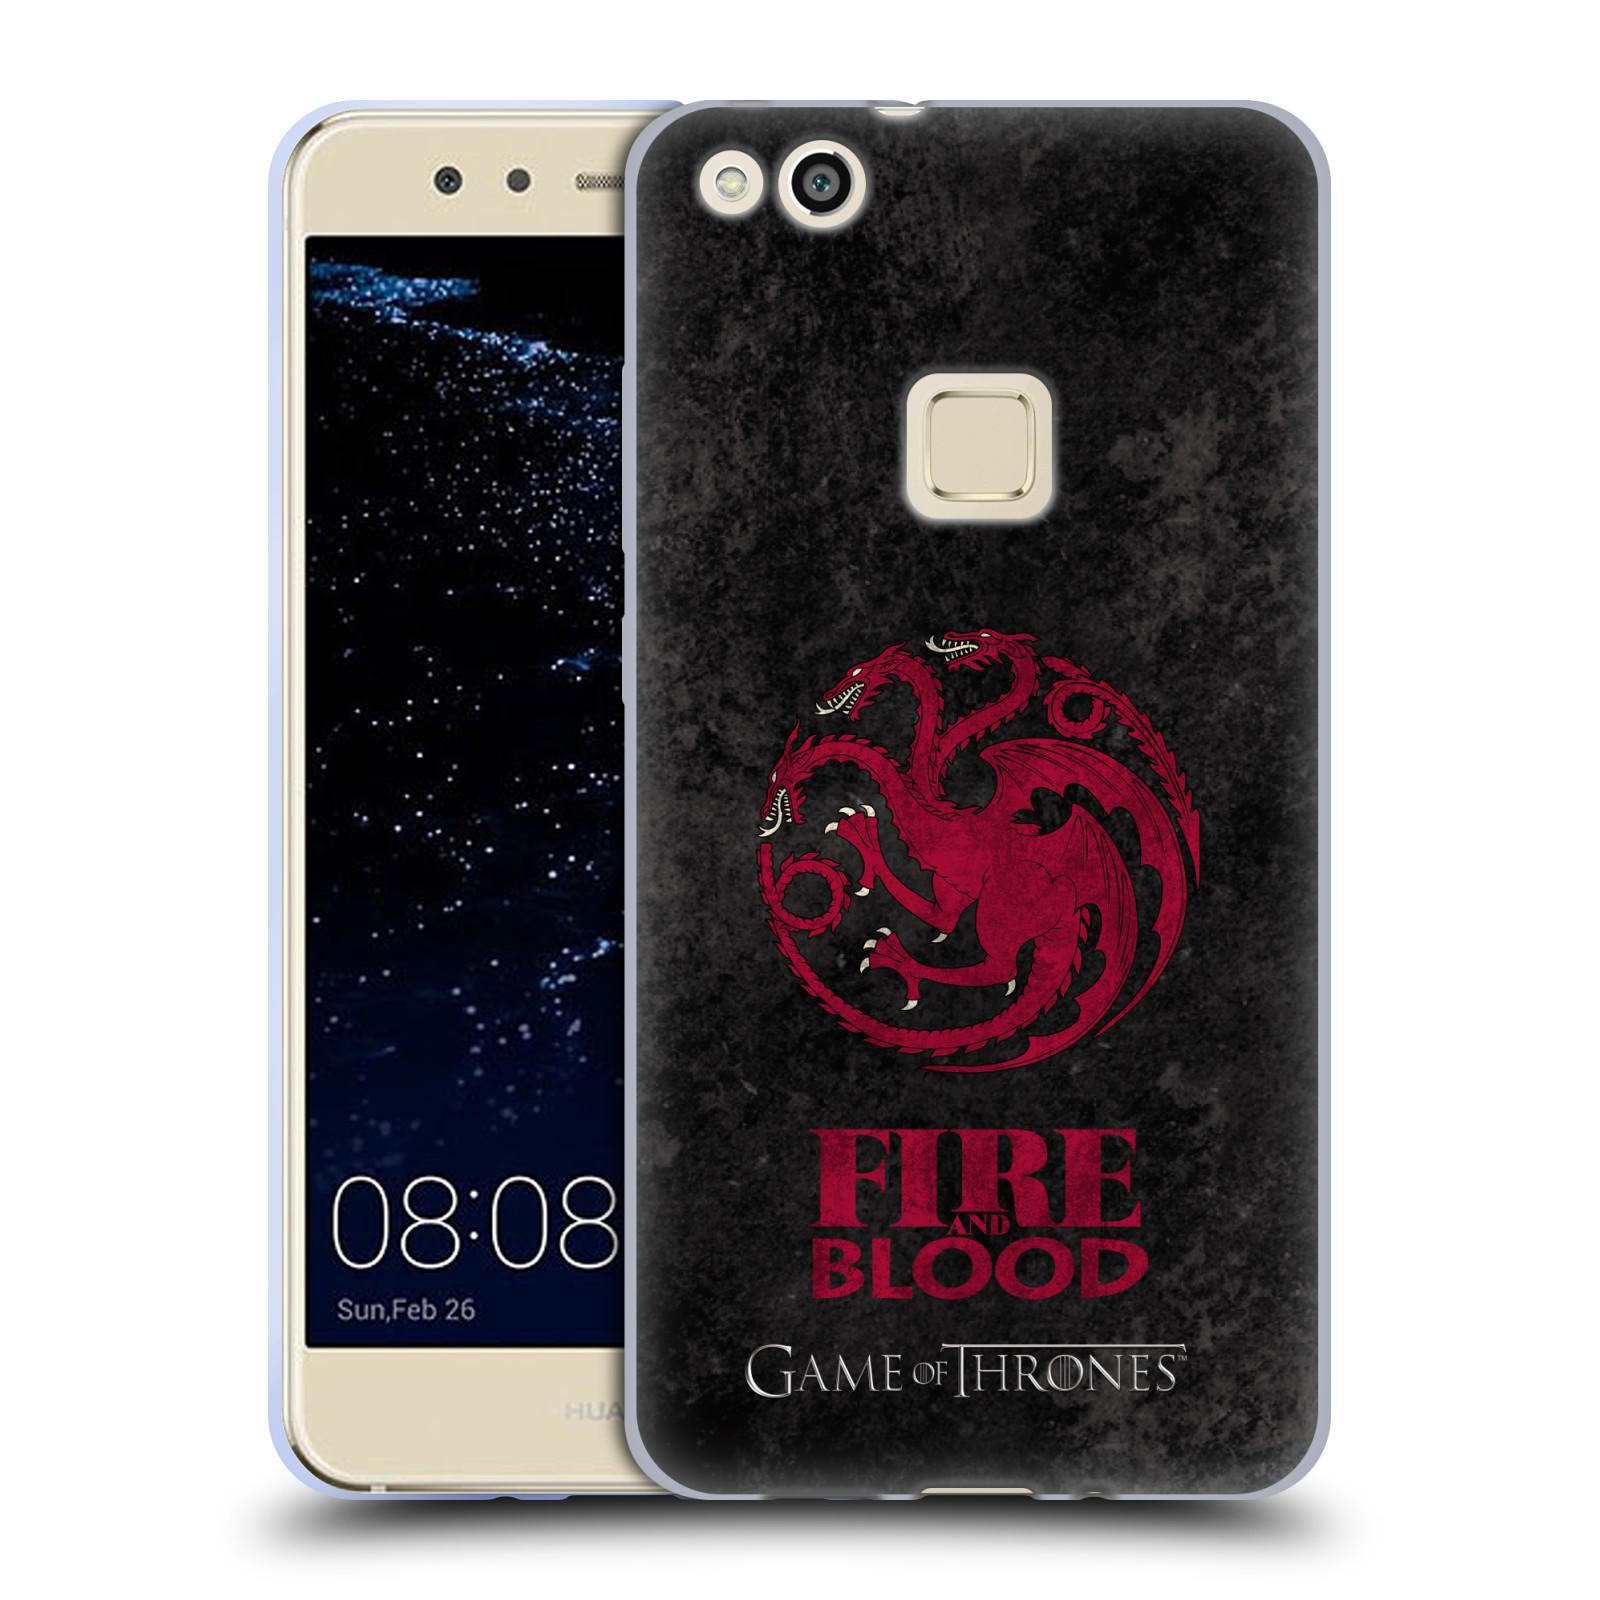 Silikonové pouzdro na mobil Huawei P10 Lite Head Case - Hra o trůny - Sigils Targaryen - Fire and Blood